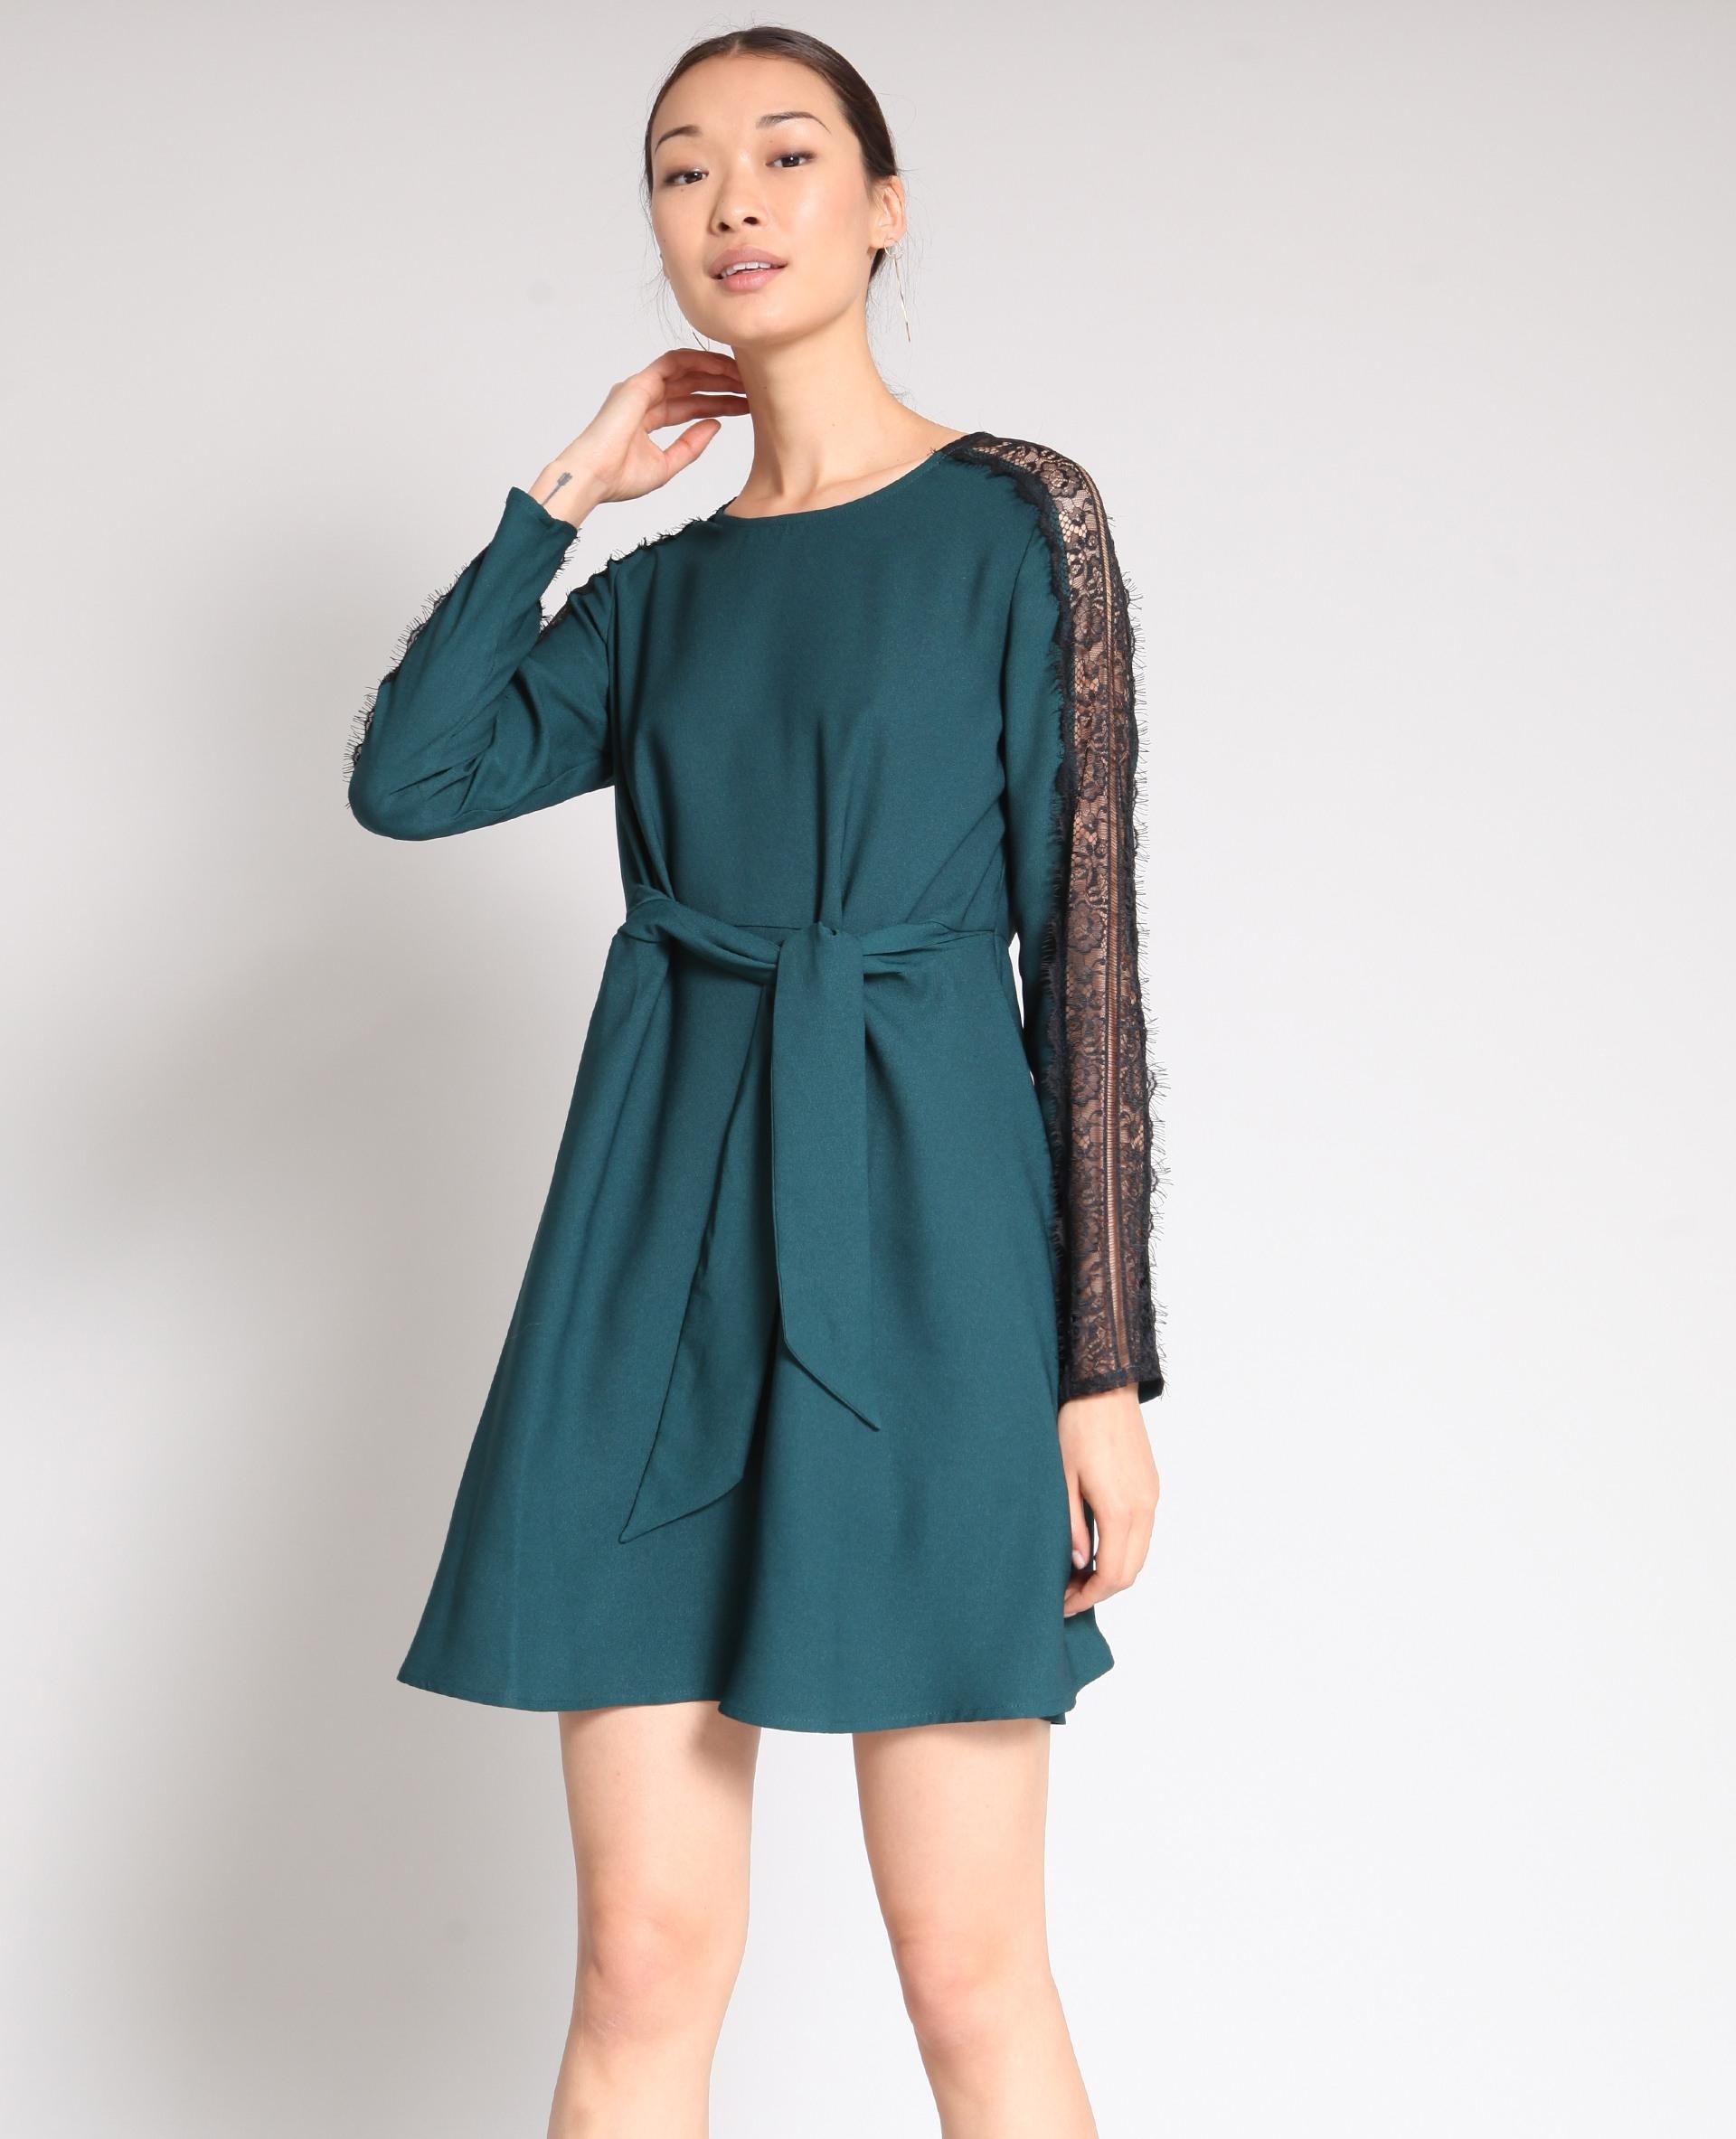 Designer Genial Grünes Kleid Mit Spitze Stylish15 Coolste Grünes Kleid Mit Spitze Stylish